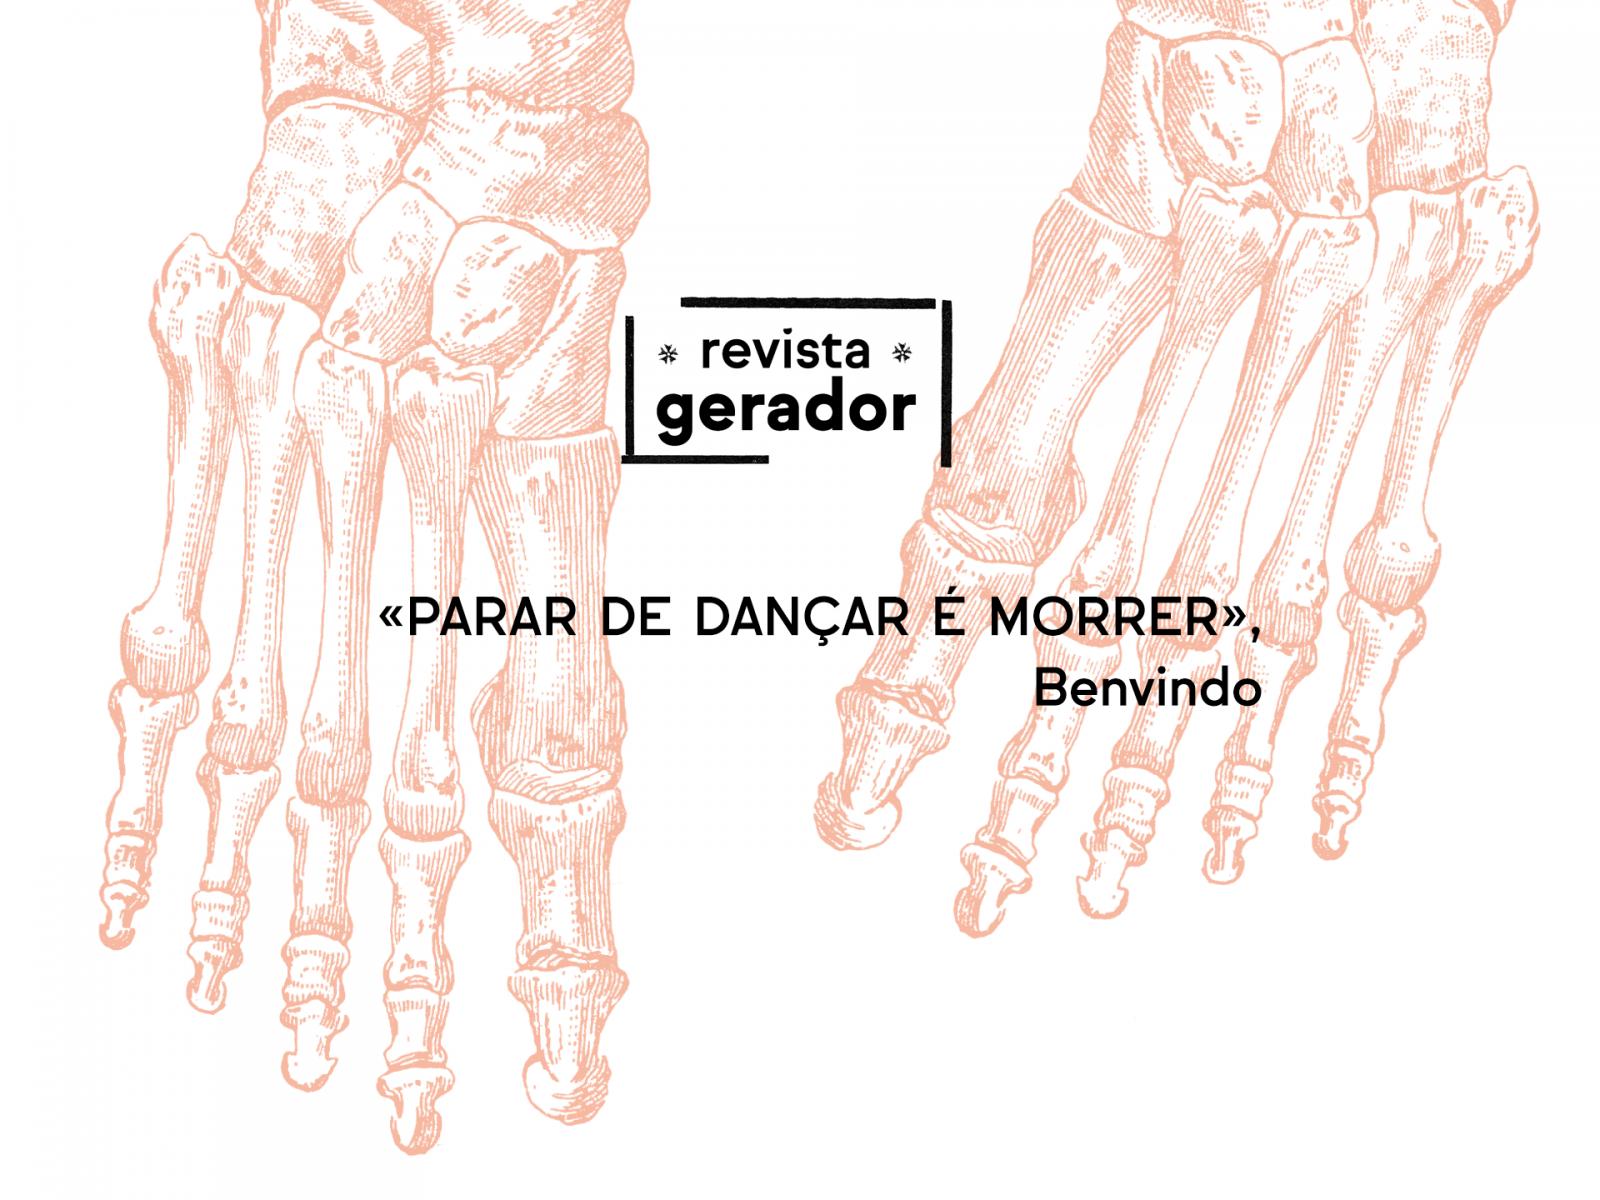 gerador-revista-julho-danca